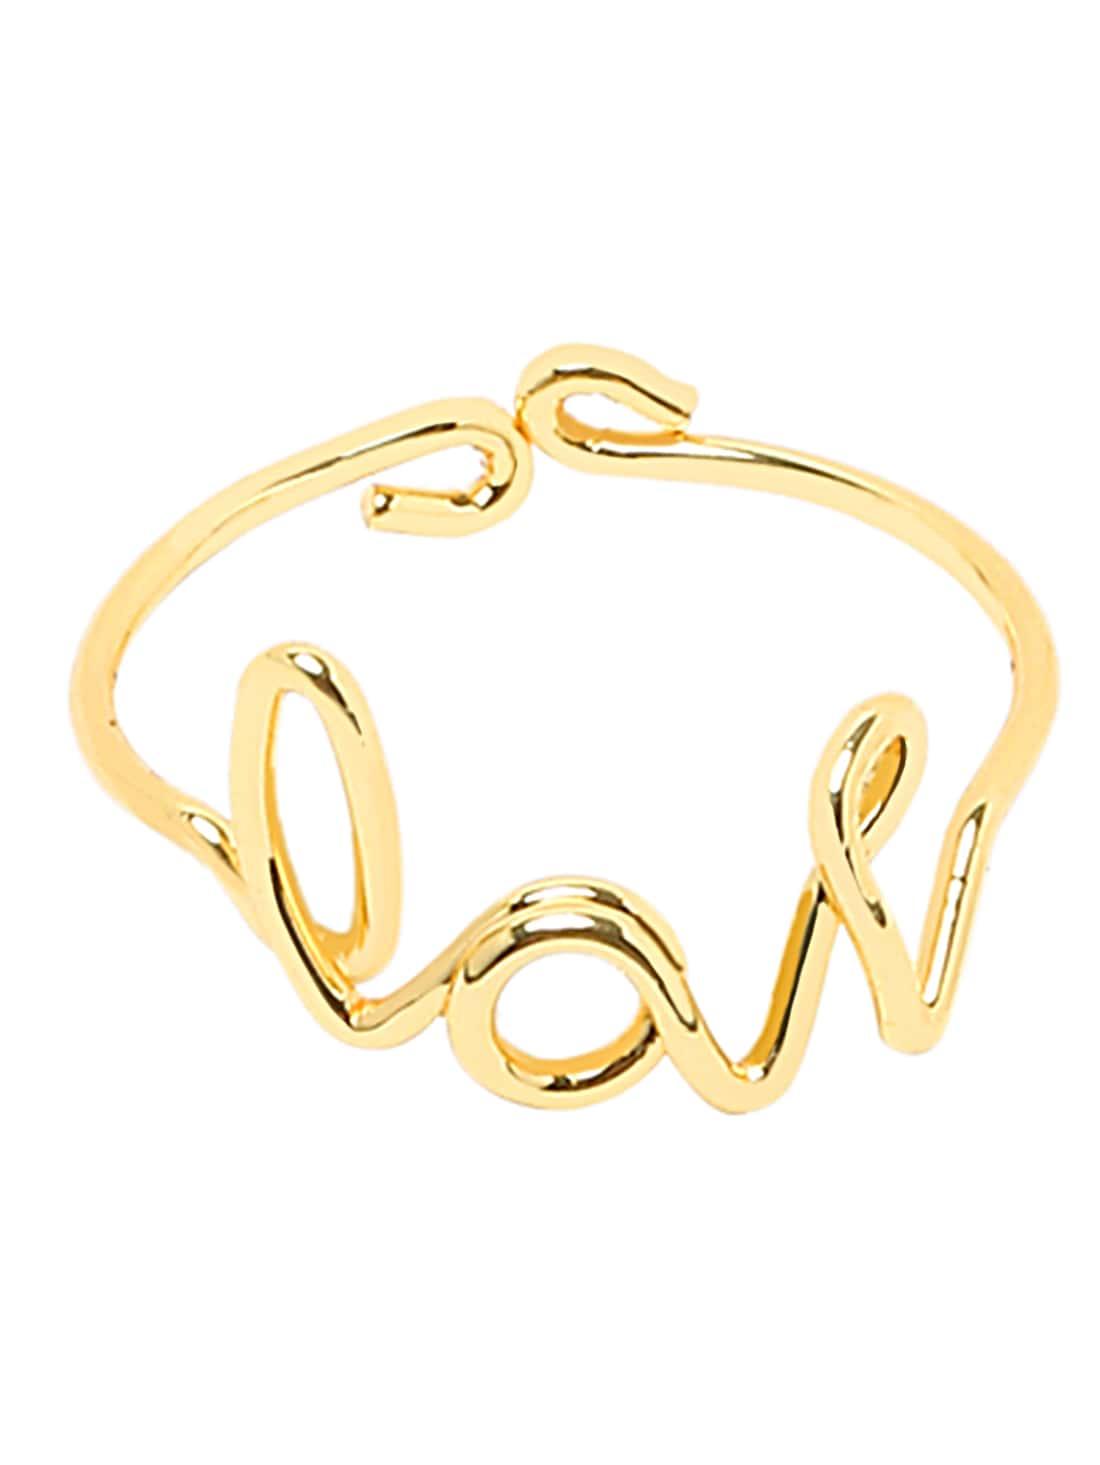 38e9d67f24 Golden Love Letter Ring | SHEIN